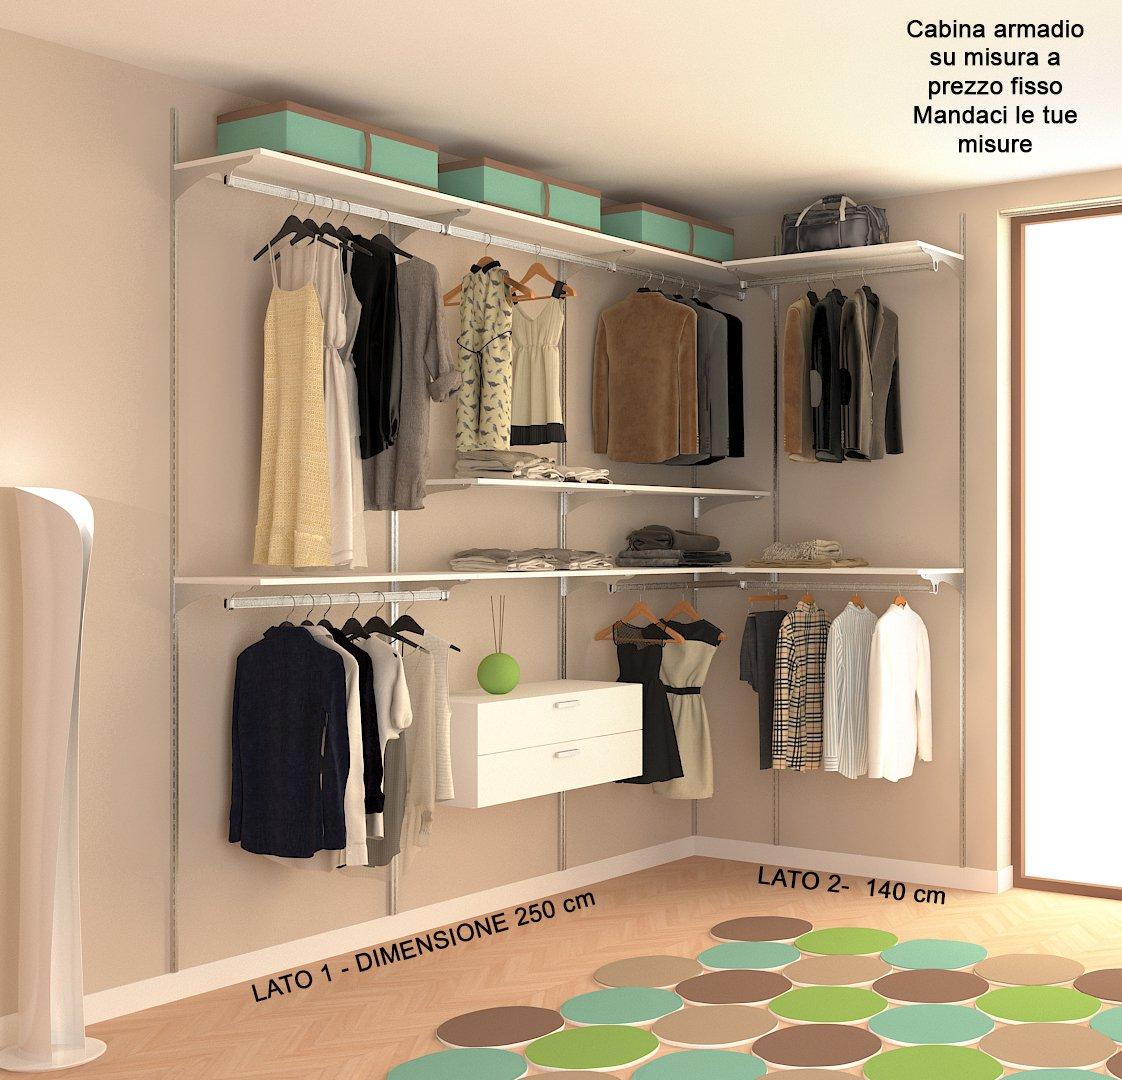 Dimensione armadio il ripostiglio with dimensione armadio - Dimensioni cabine armadio ...